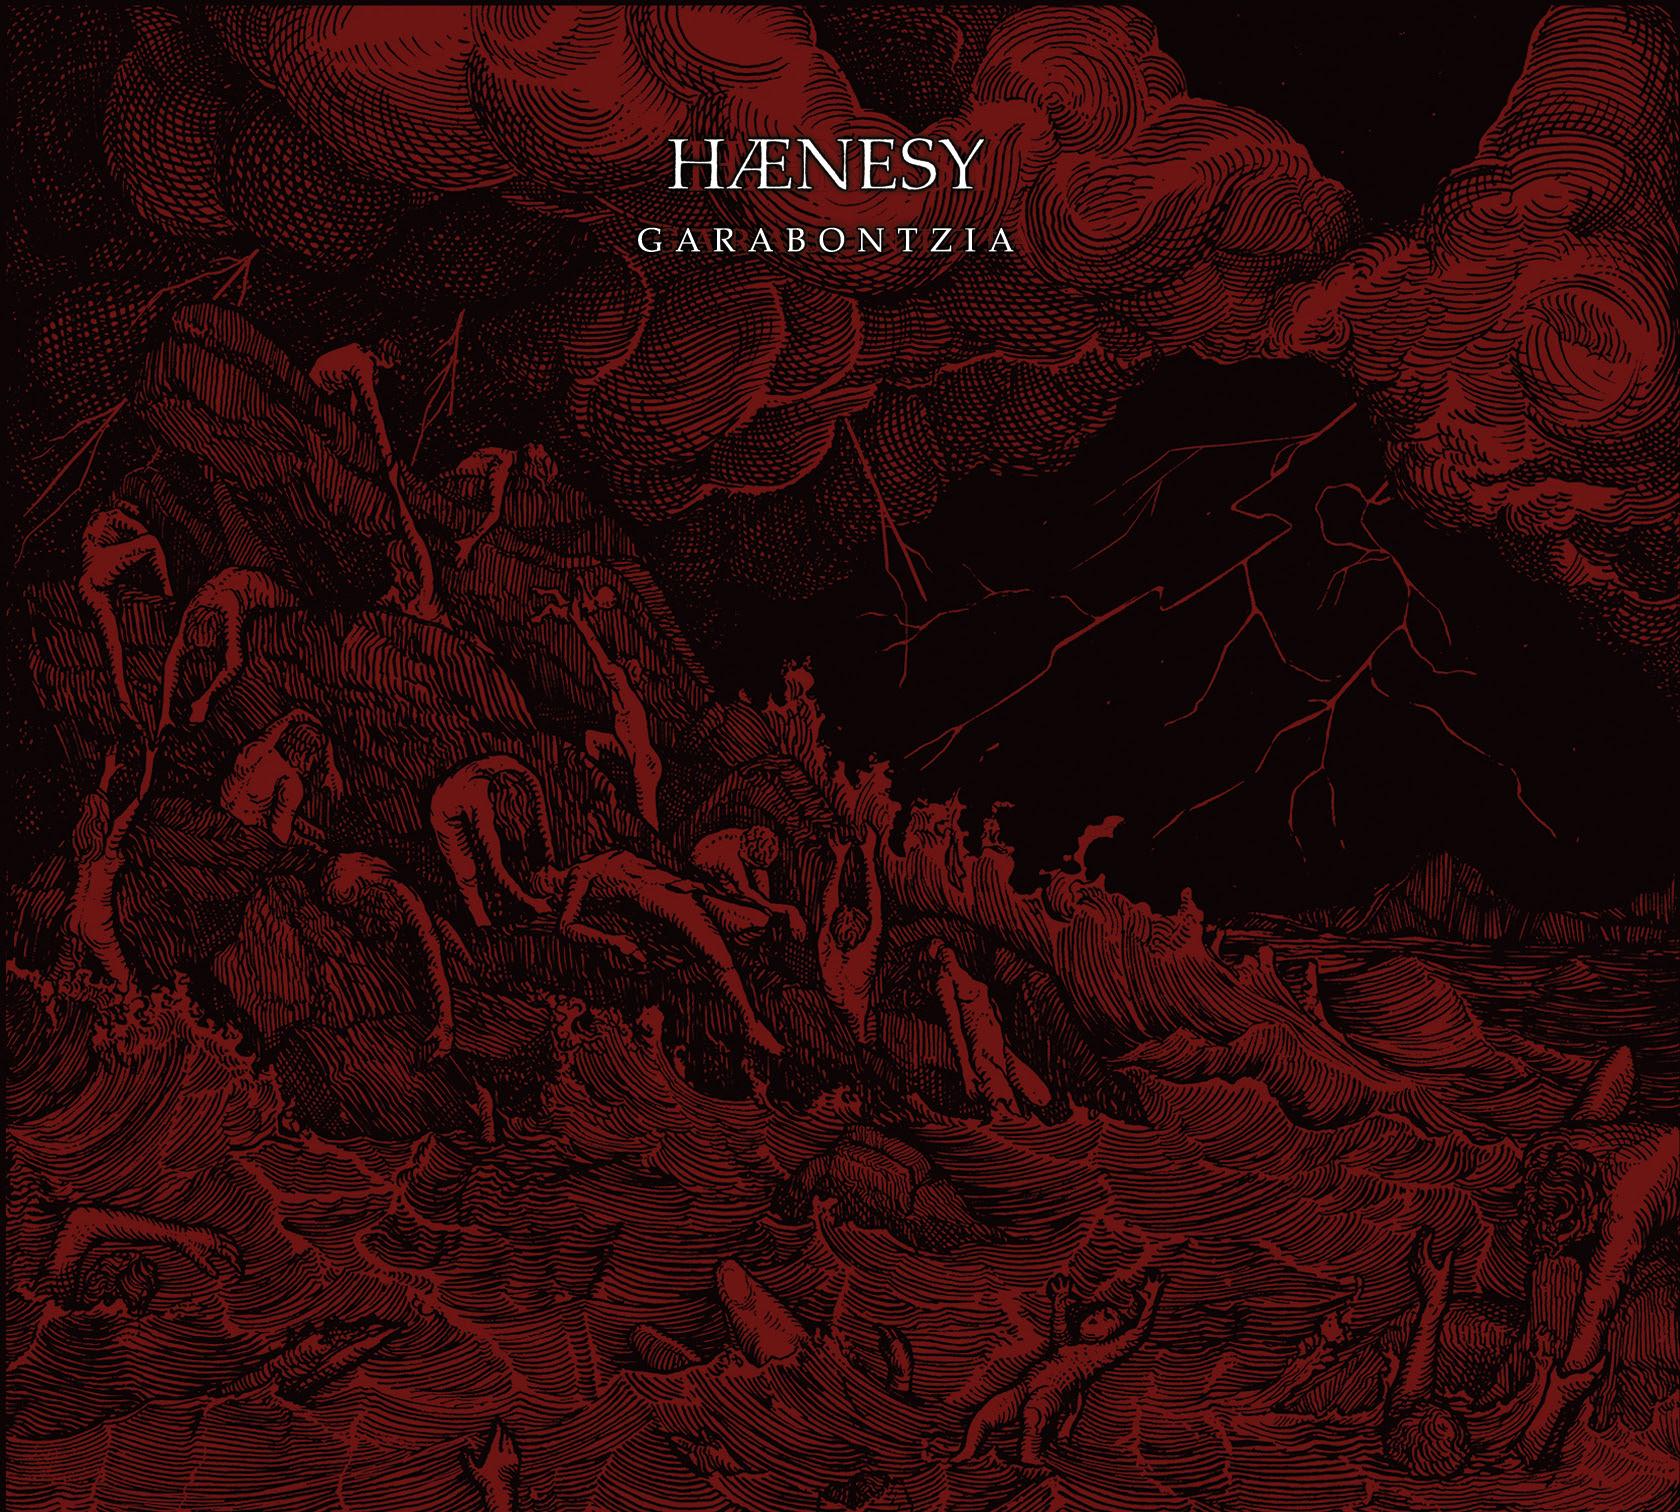 Haenesy